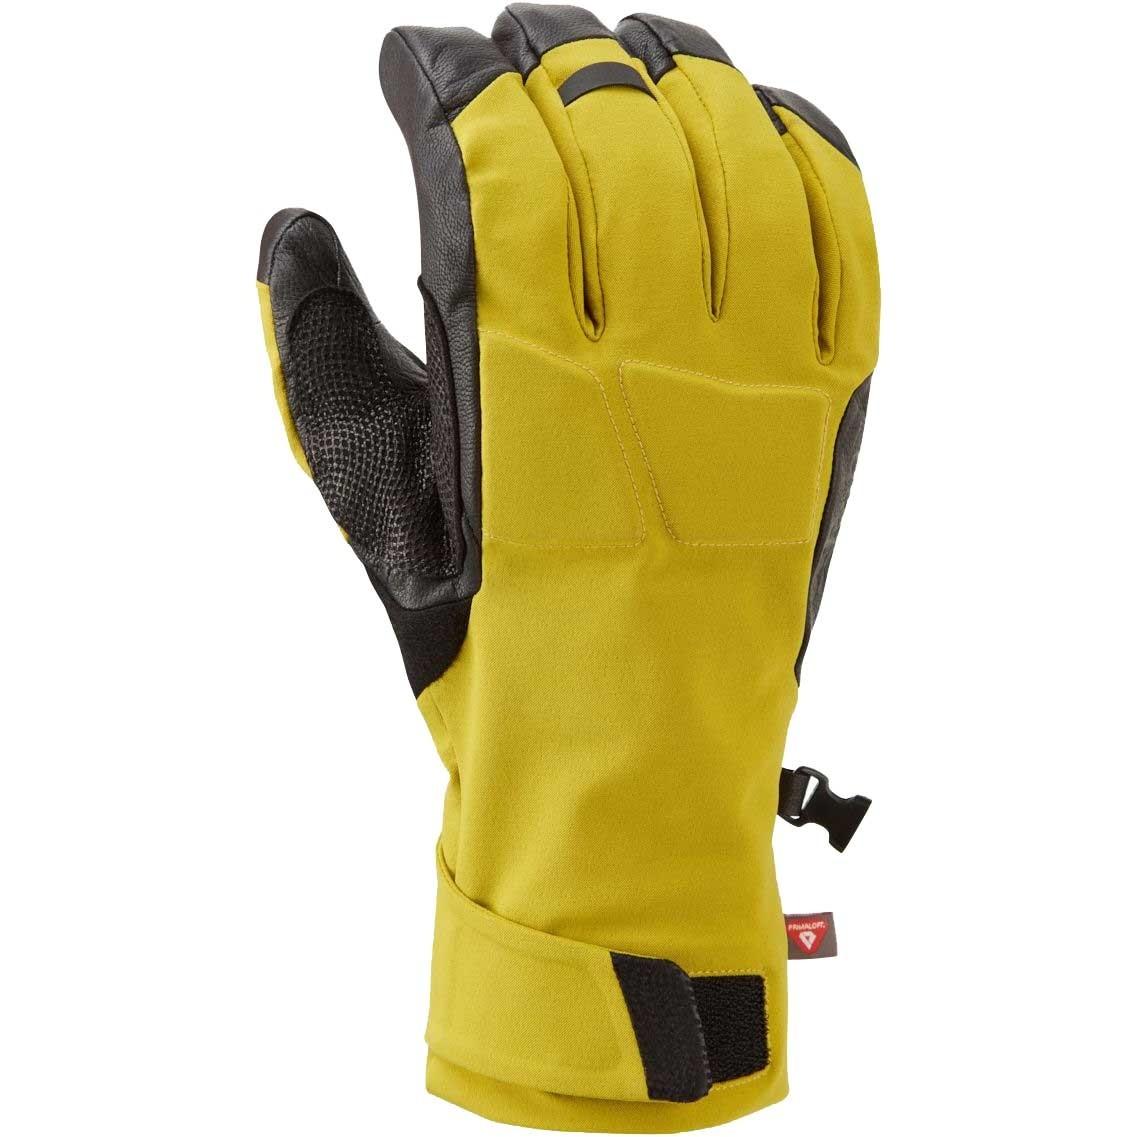 Rab Fulcrum GTX Glove